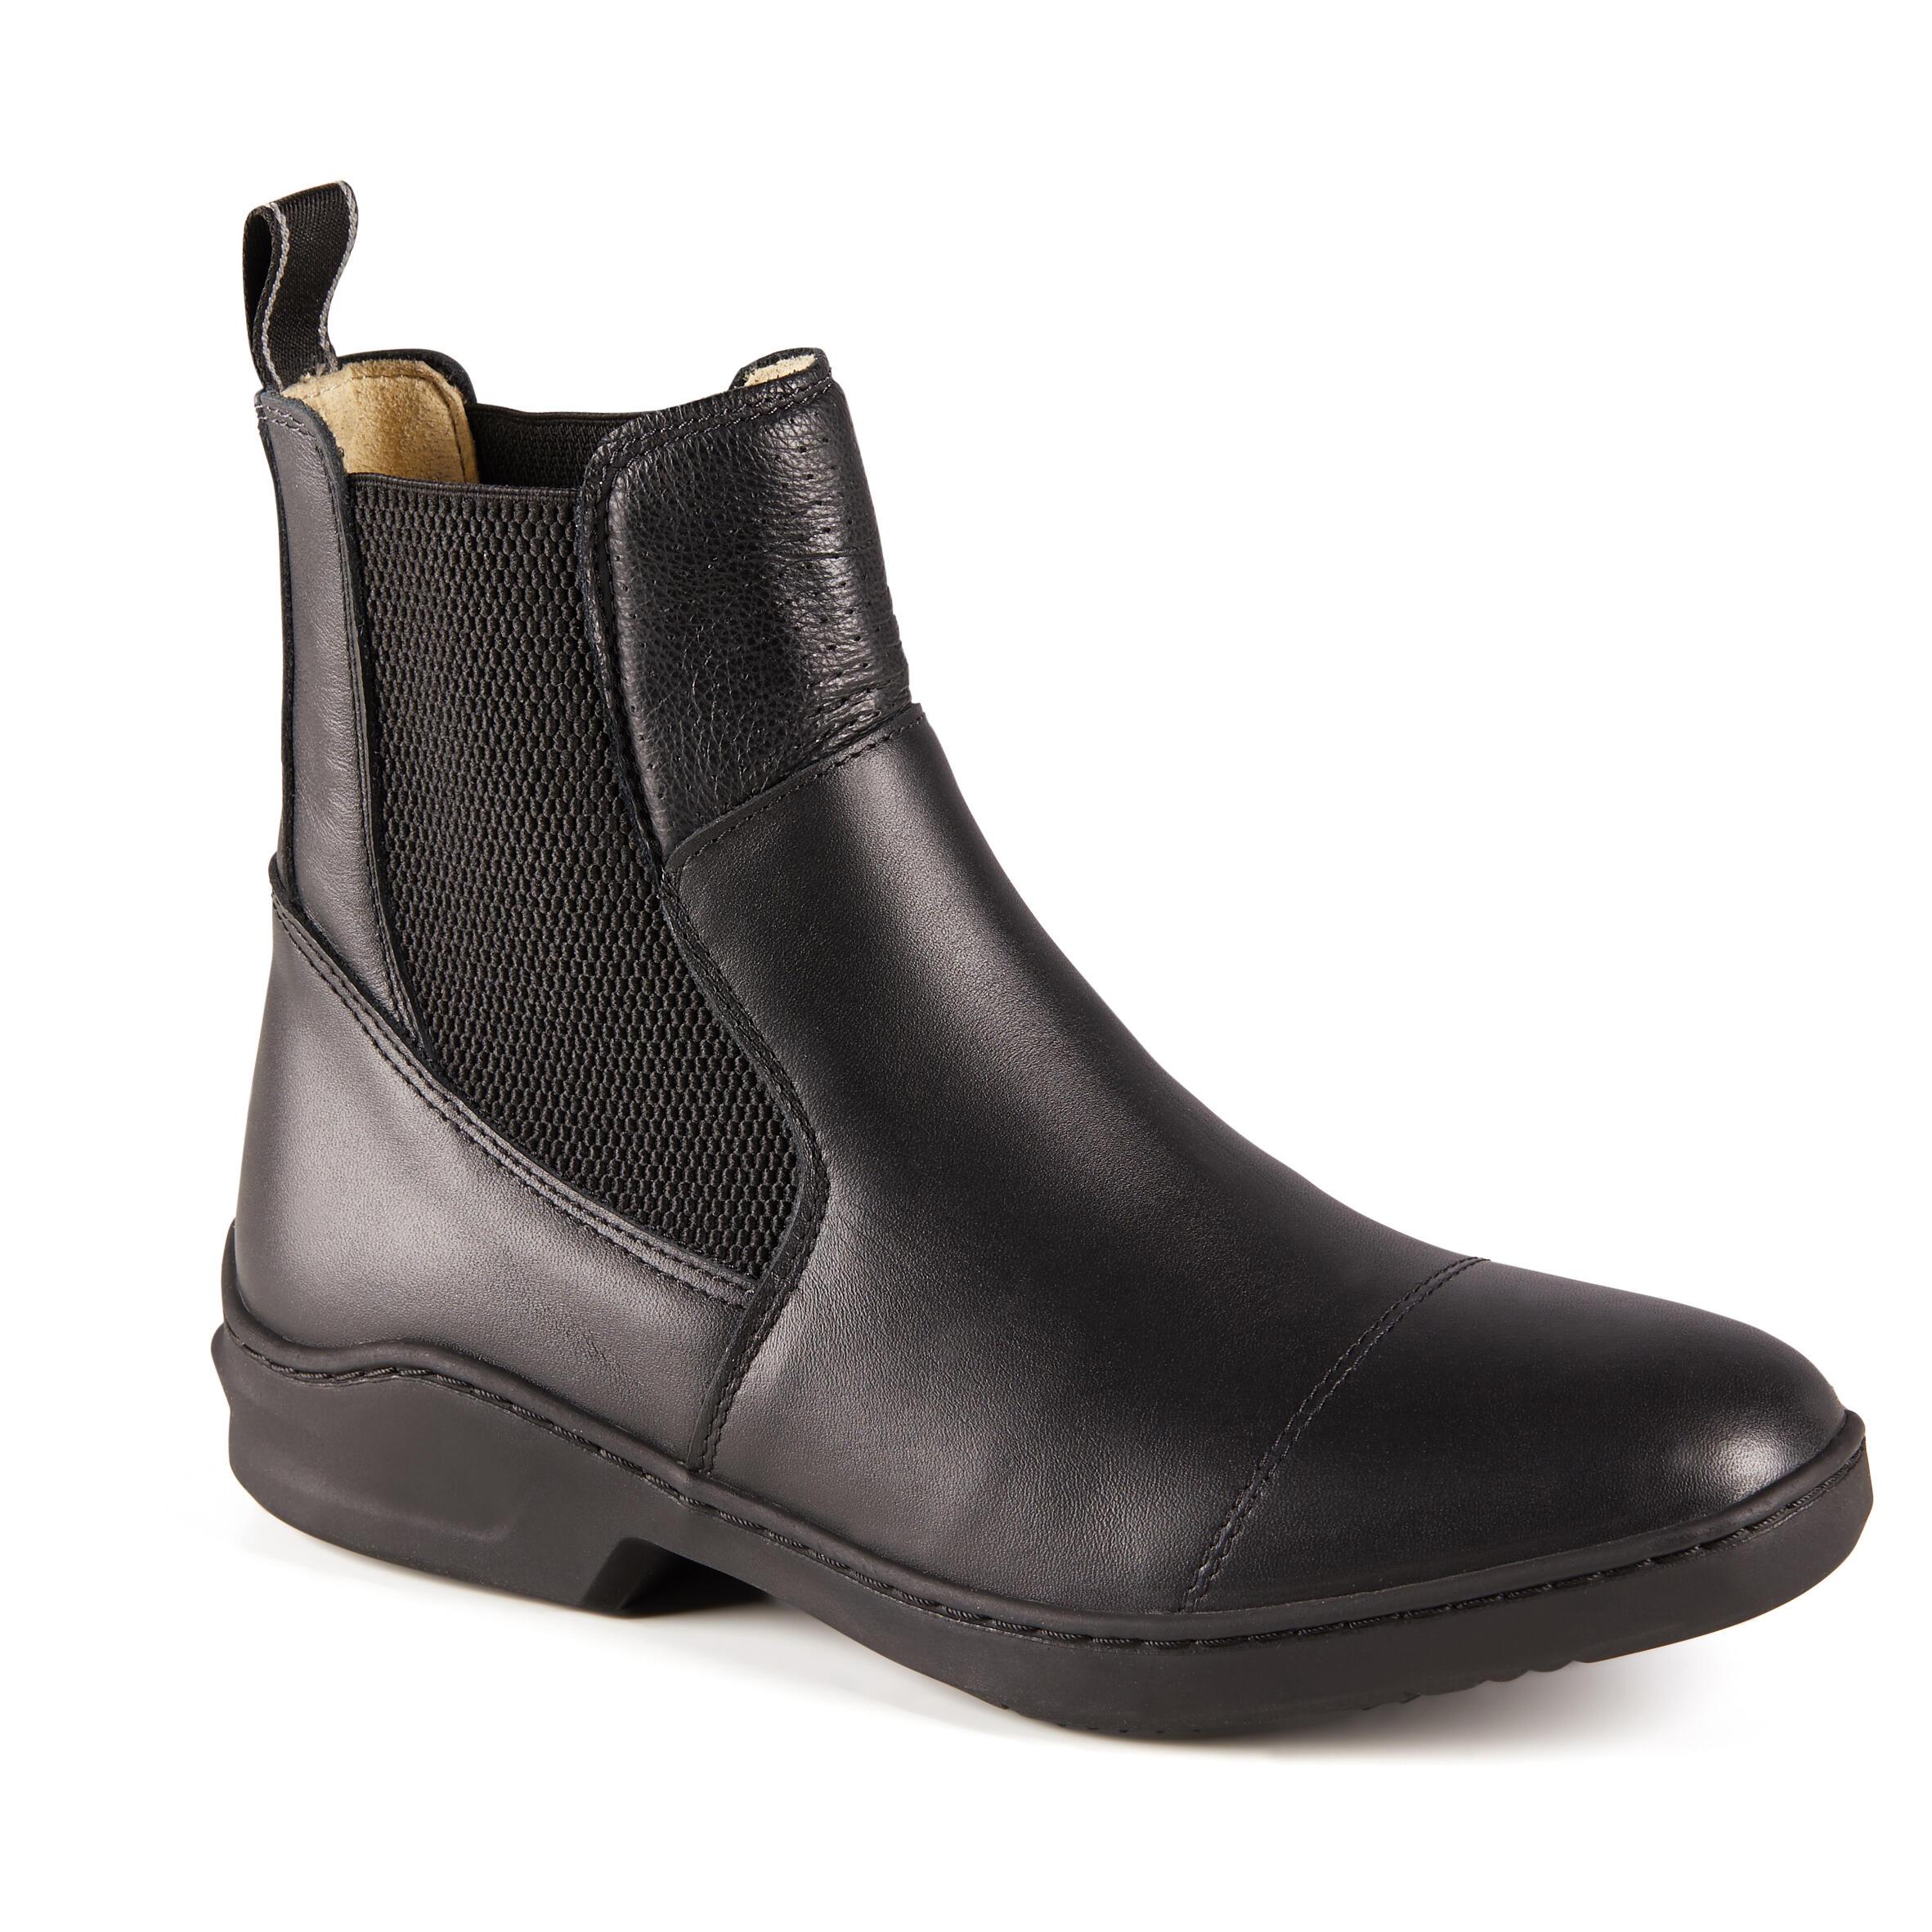 รองเท้าบูตขี่ม้าแบบ...